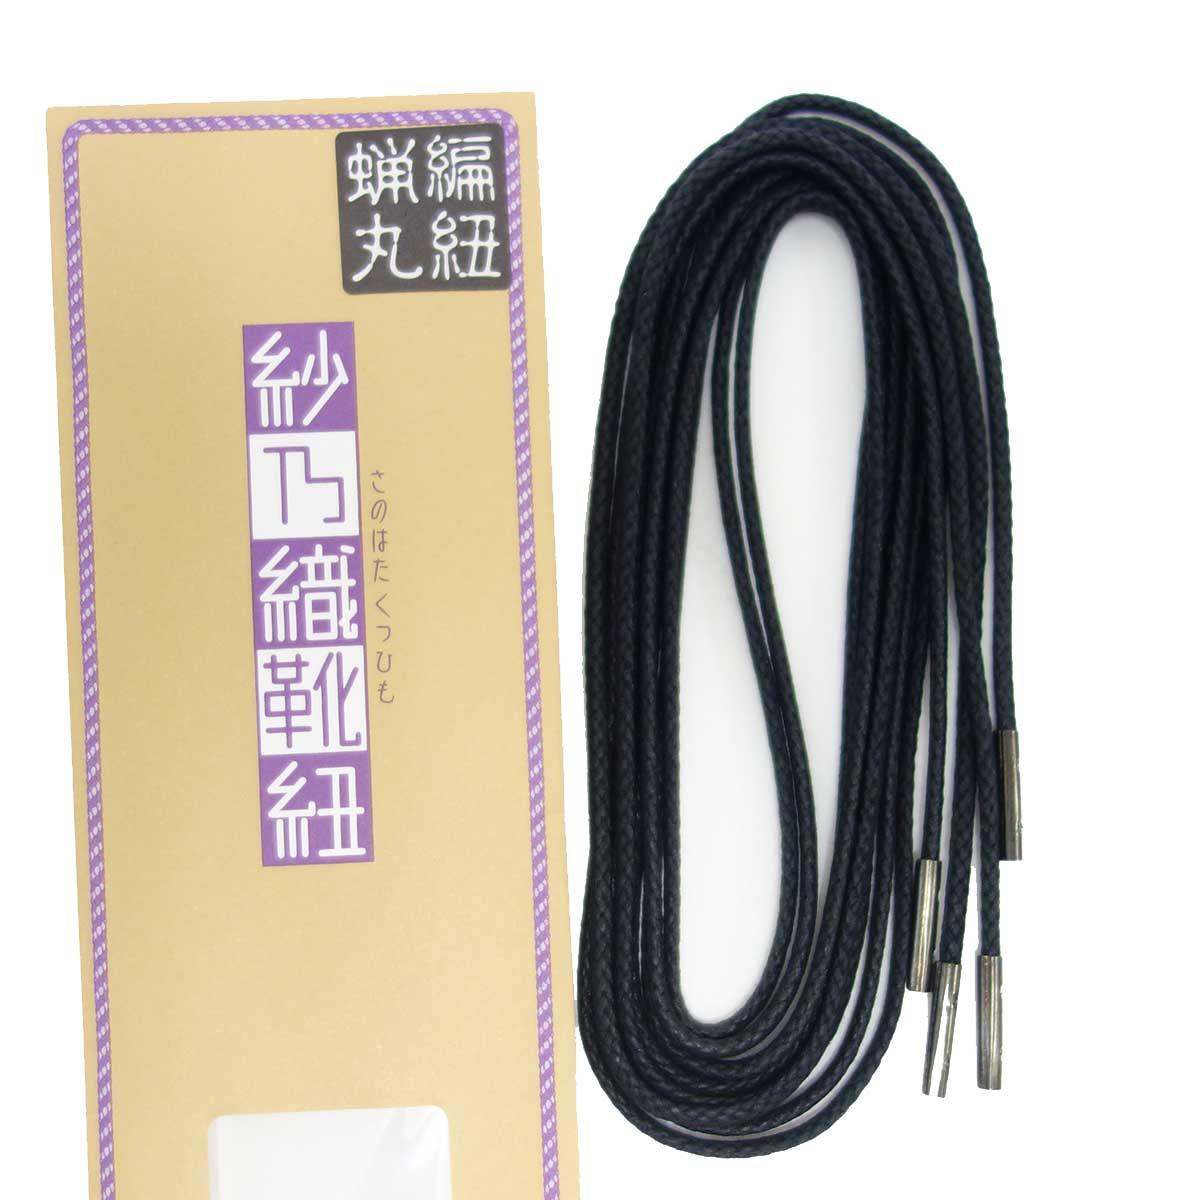 紗乃織靴紐(さのはたくつひも)編紐蝋丸 ロウ引き丸(約2mm)ブラック60cm 70cm 80cm 90cm 100cm 120cmメール便可